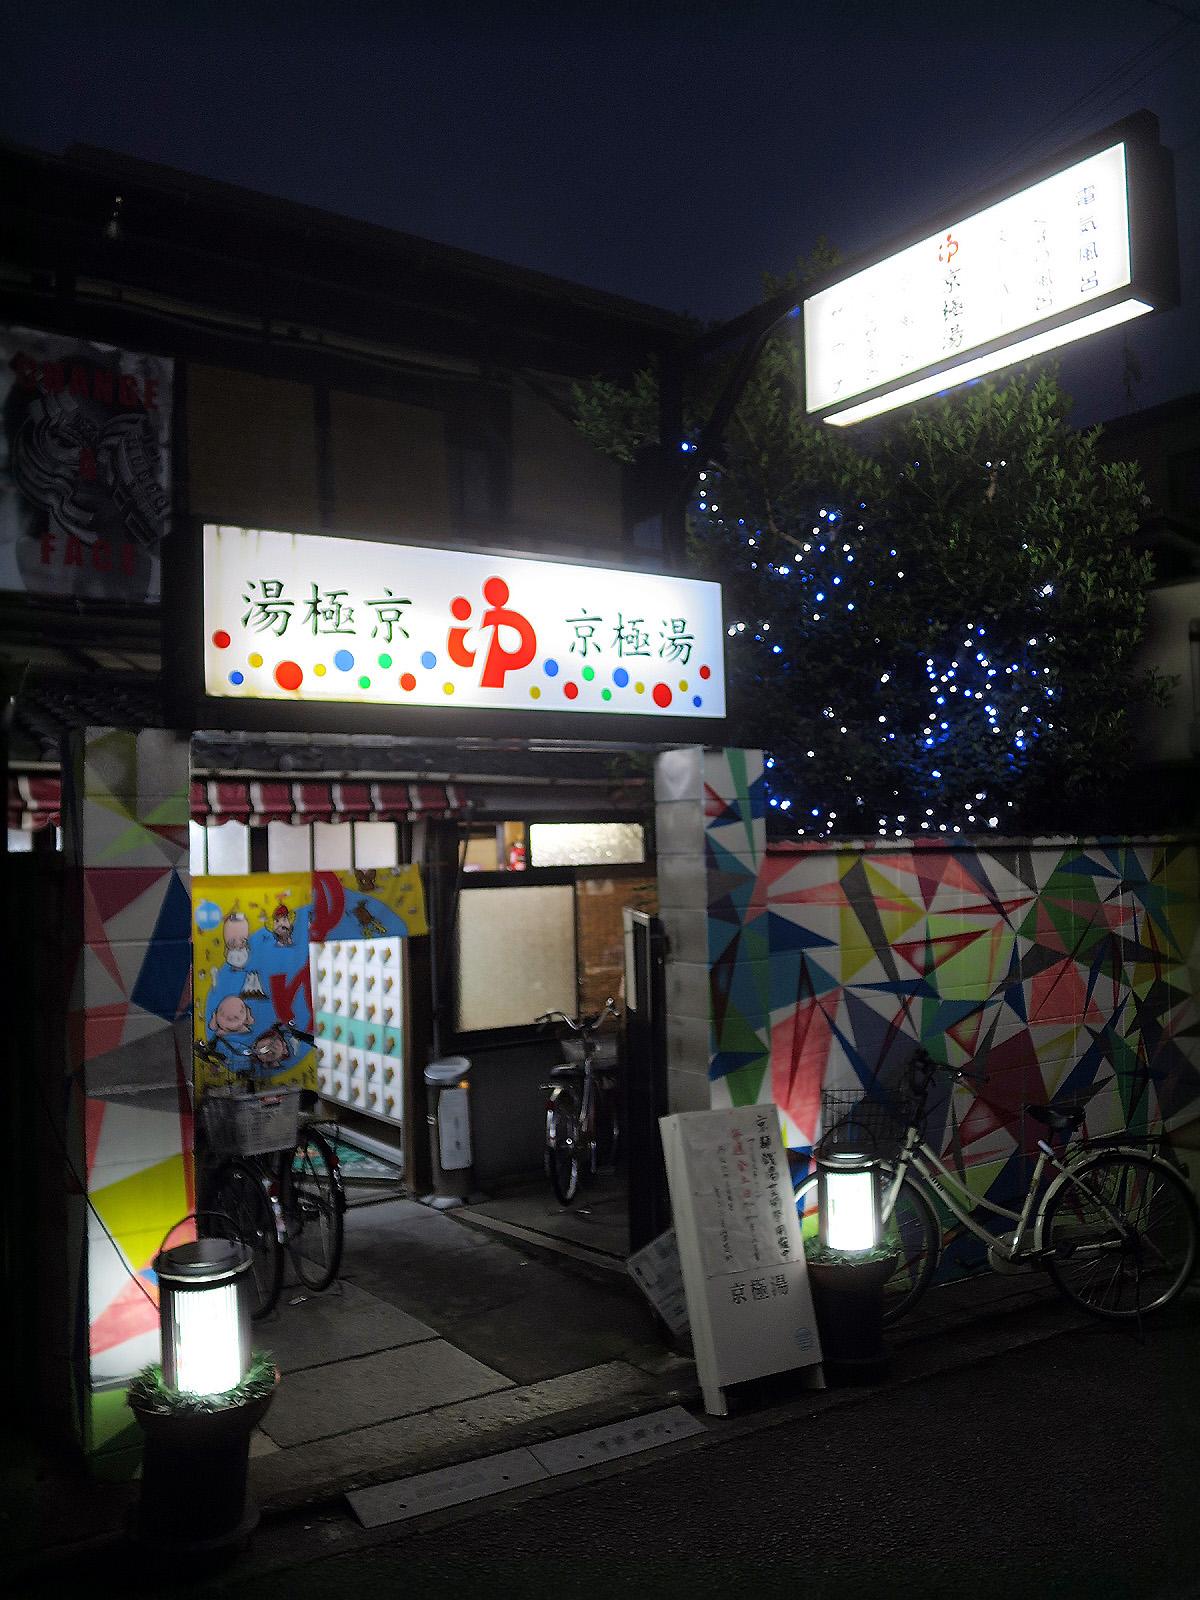 20141010_1 京極湯 京都市上京区東西俵屋町666(2014_1010_175308)